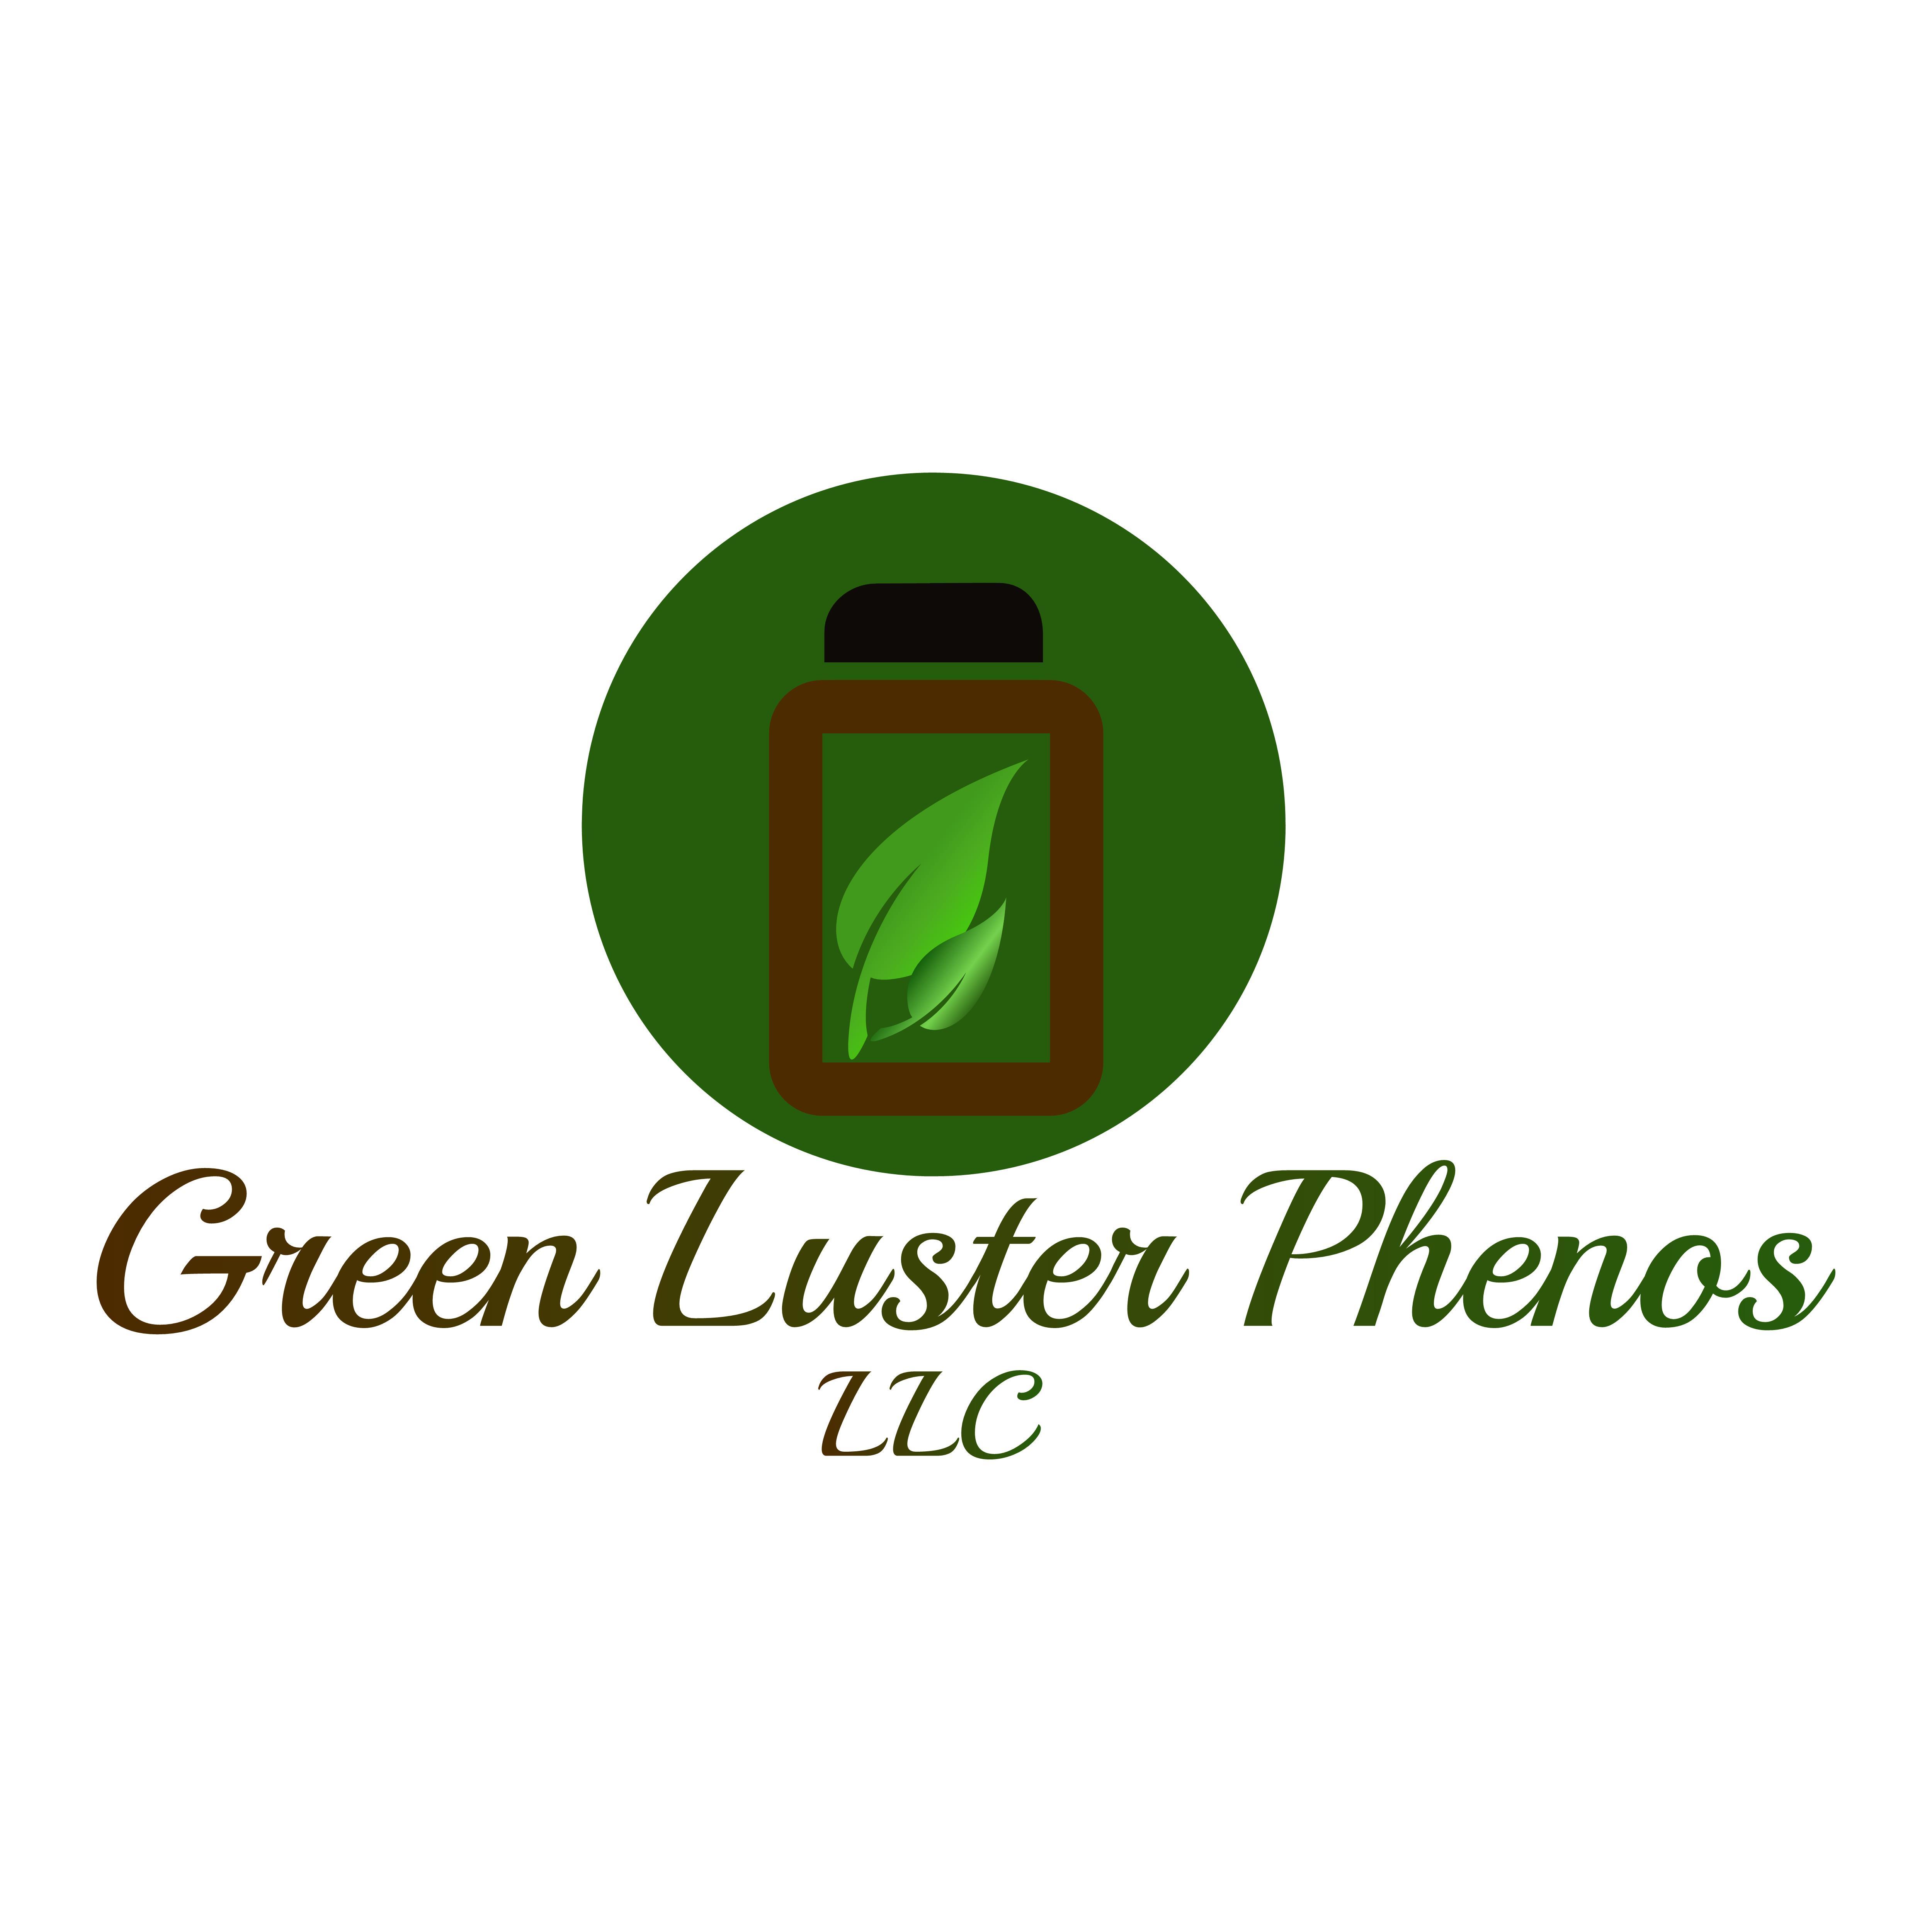 Green Luster Phenos